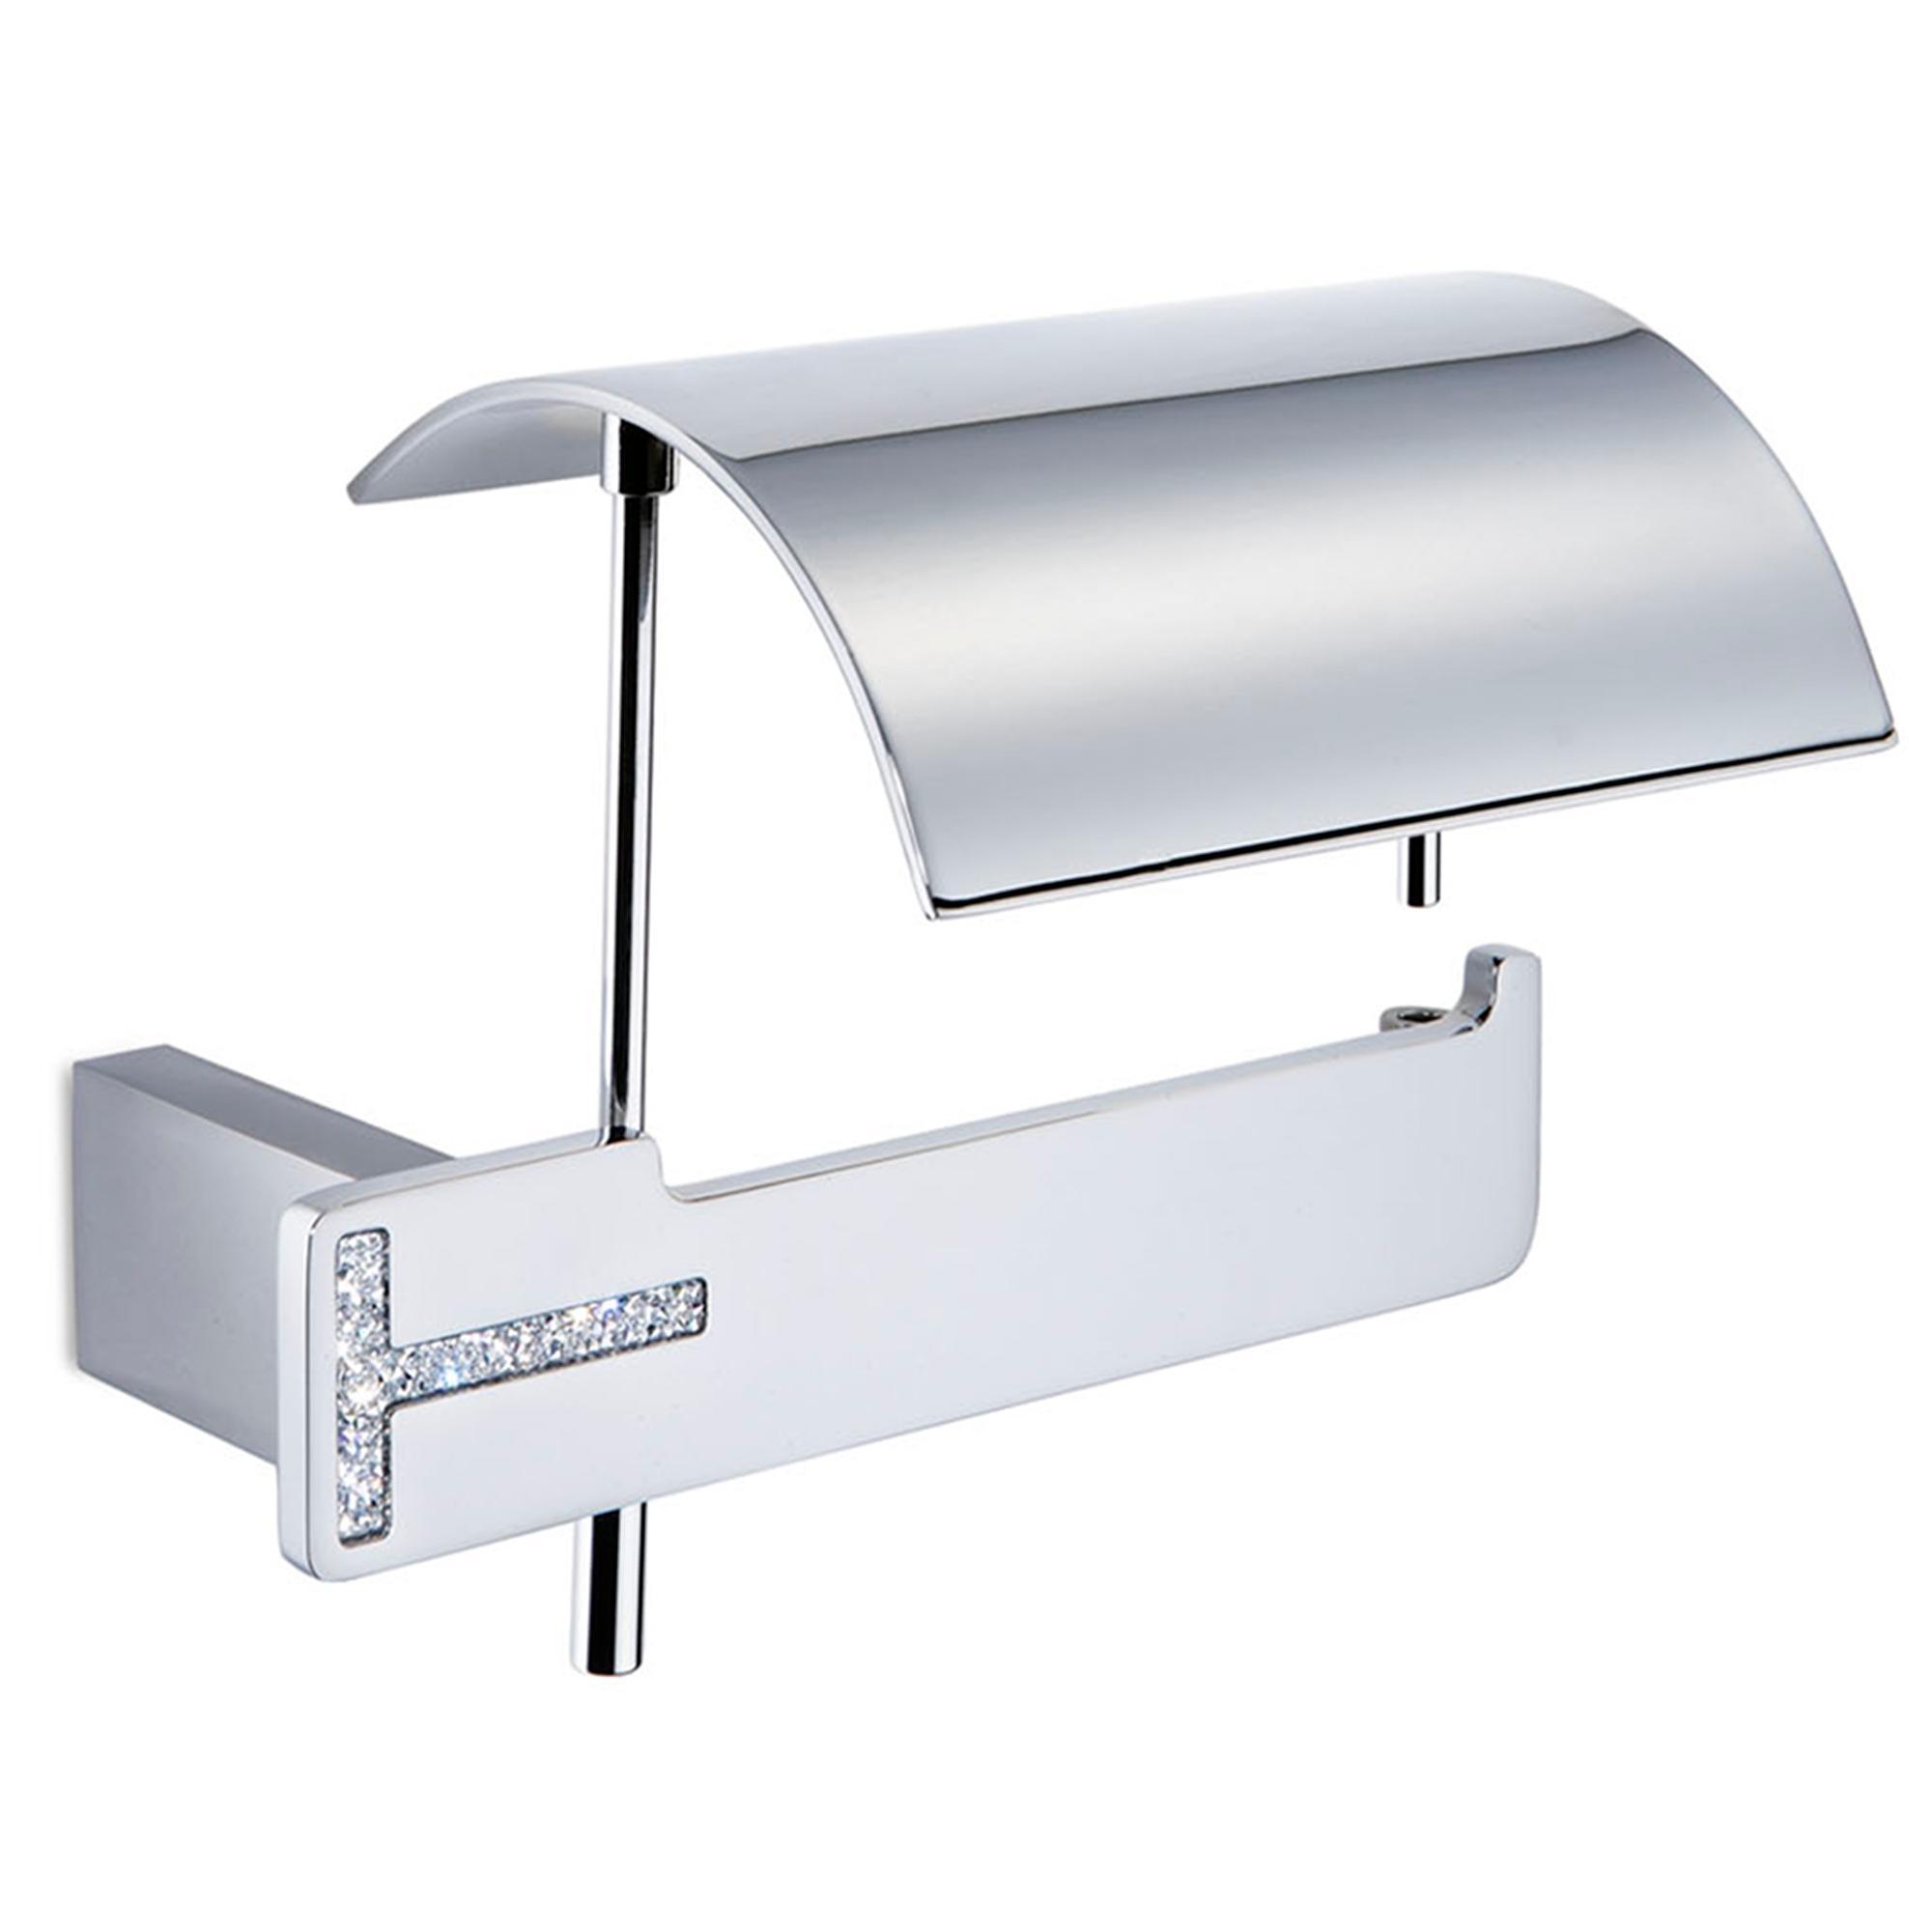 Portarotolo da bagno con coperchio 17 20x12 60xh11 20 cm - Portarotolo bagno ...